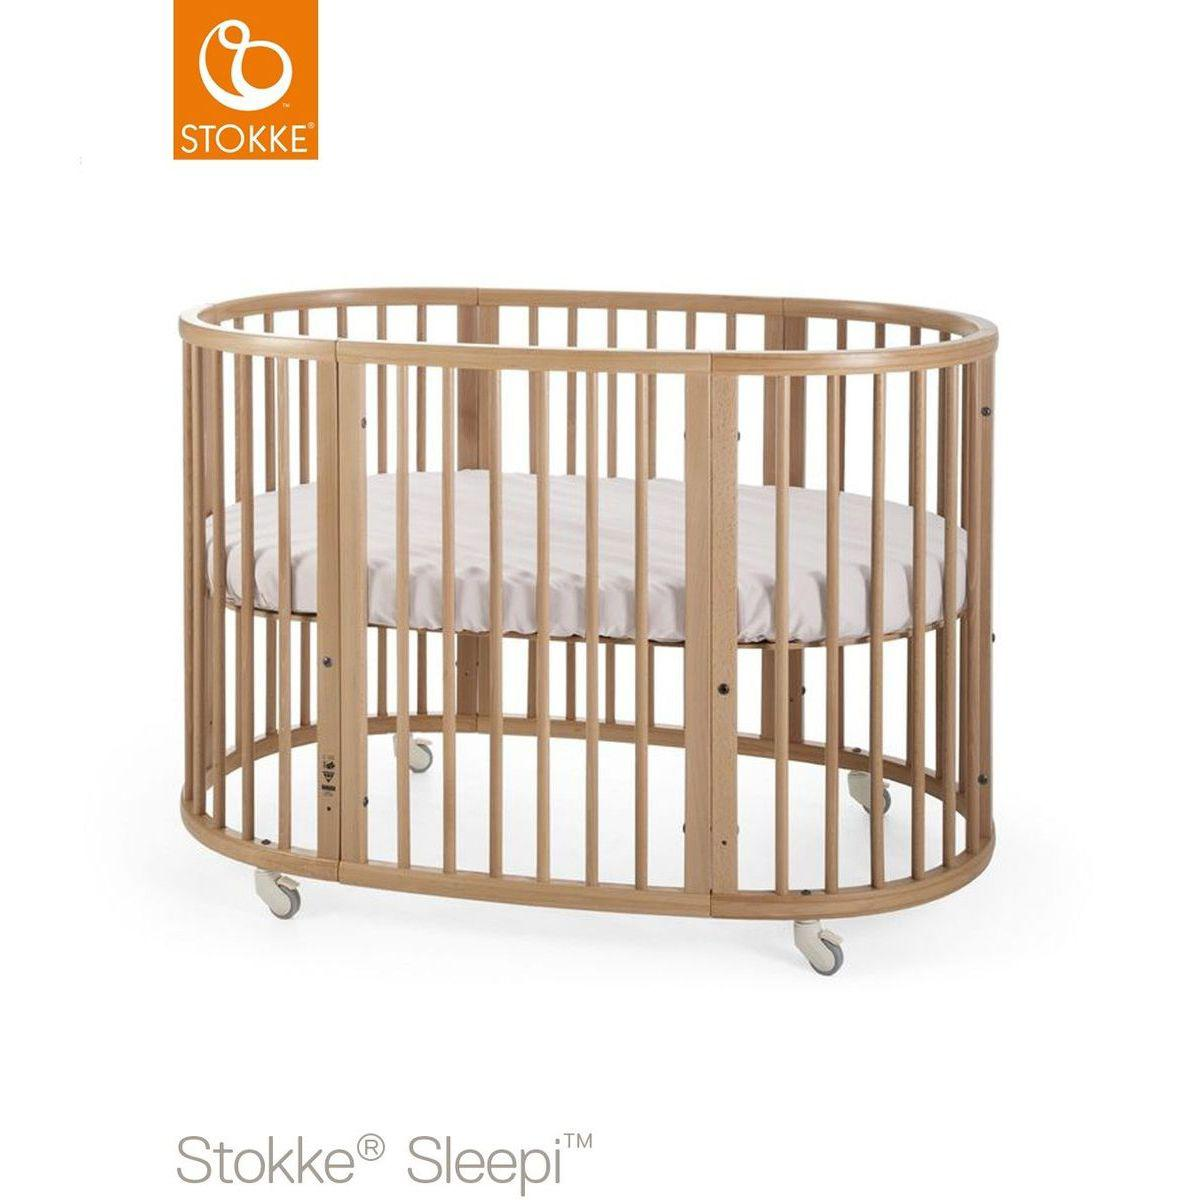 Kit extensión cuna-colchón SLEEPI Stokke natural